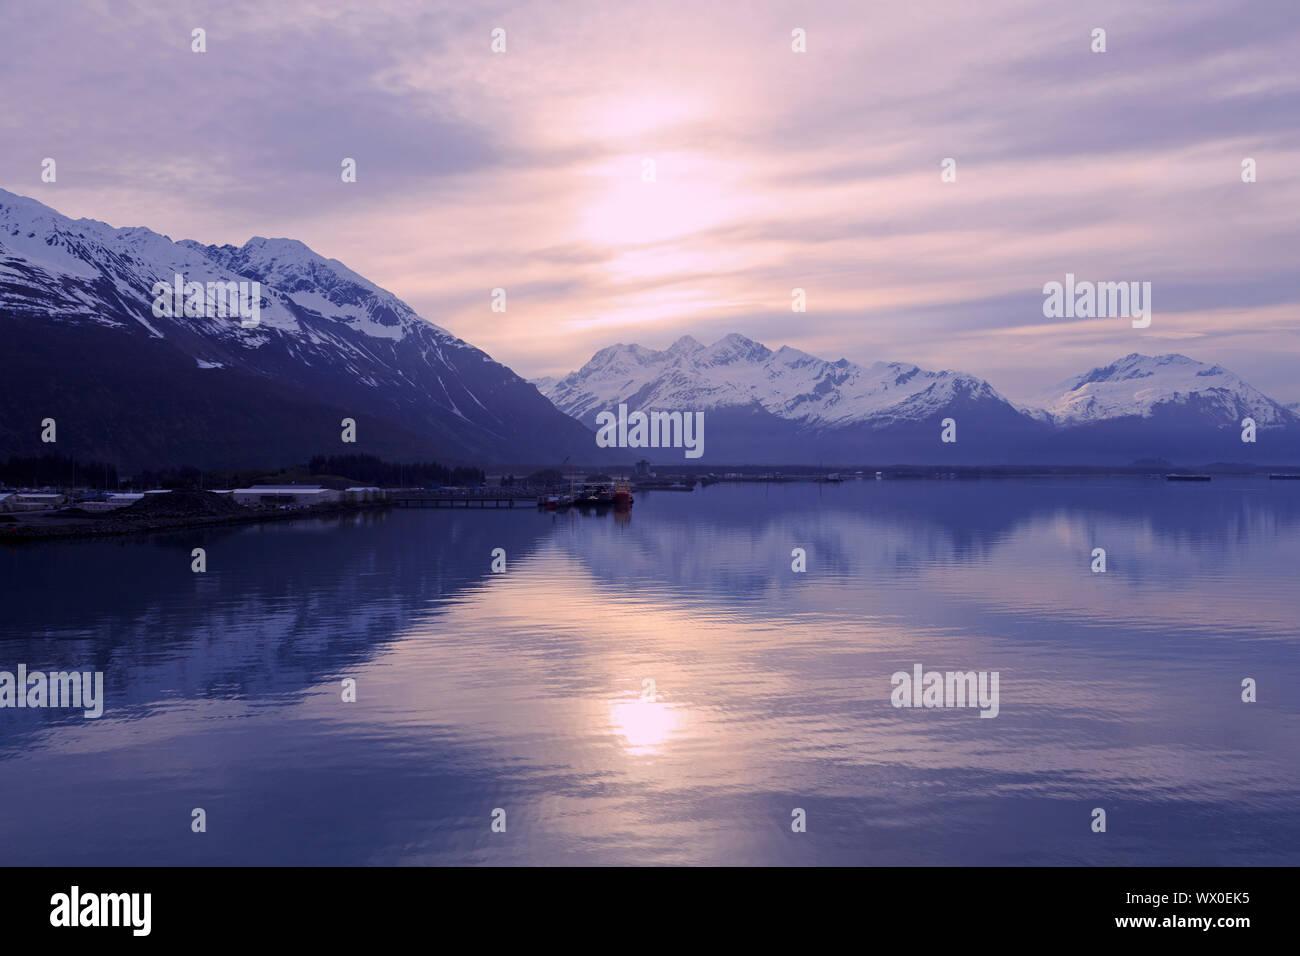 Le lever du soleil, Valdez, Prince William Sound, Alaska, États-Unis d'Amérique, Amérique du Nord Banque D'Images